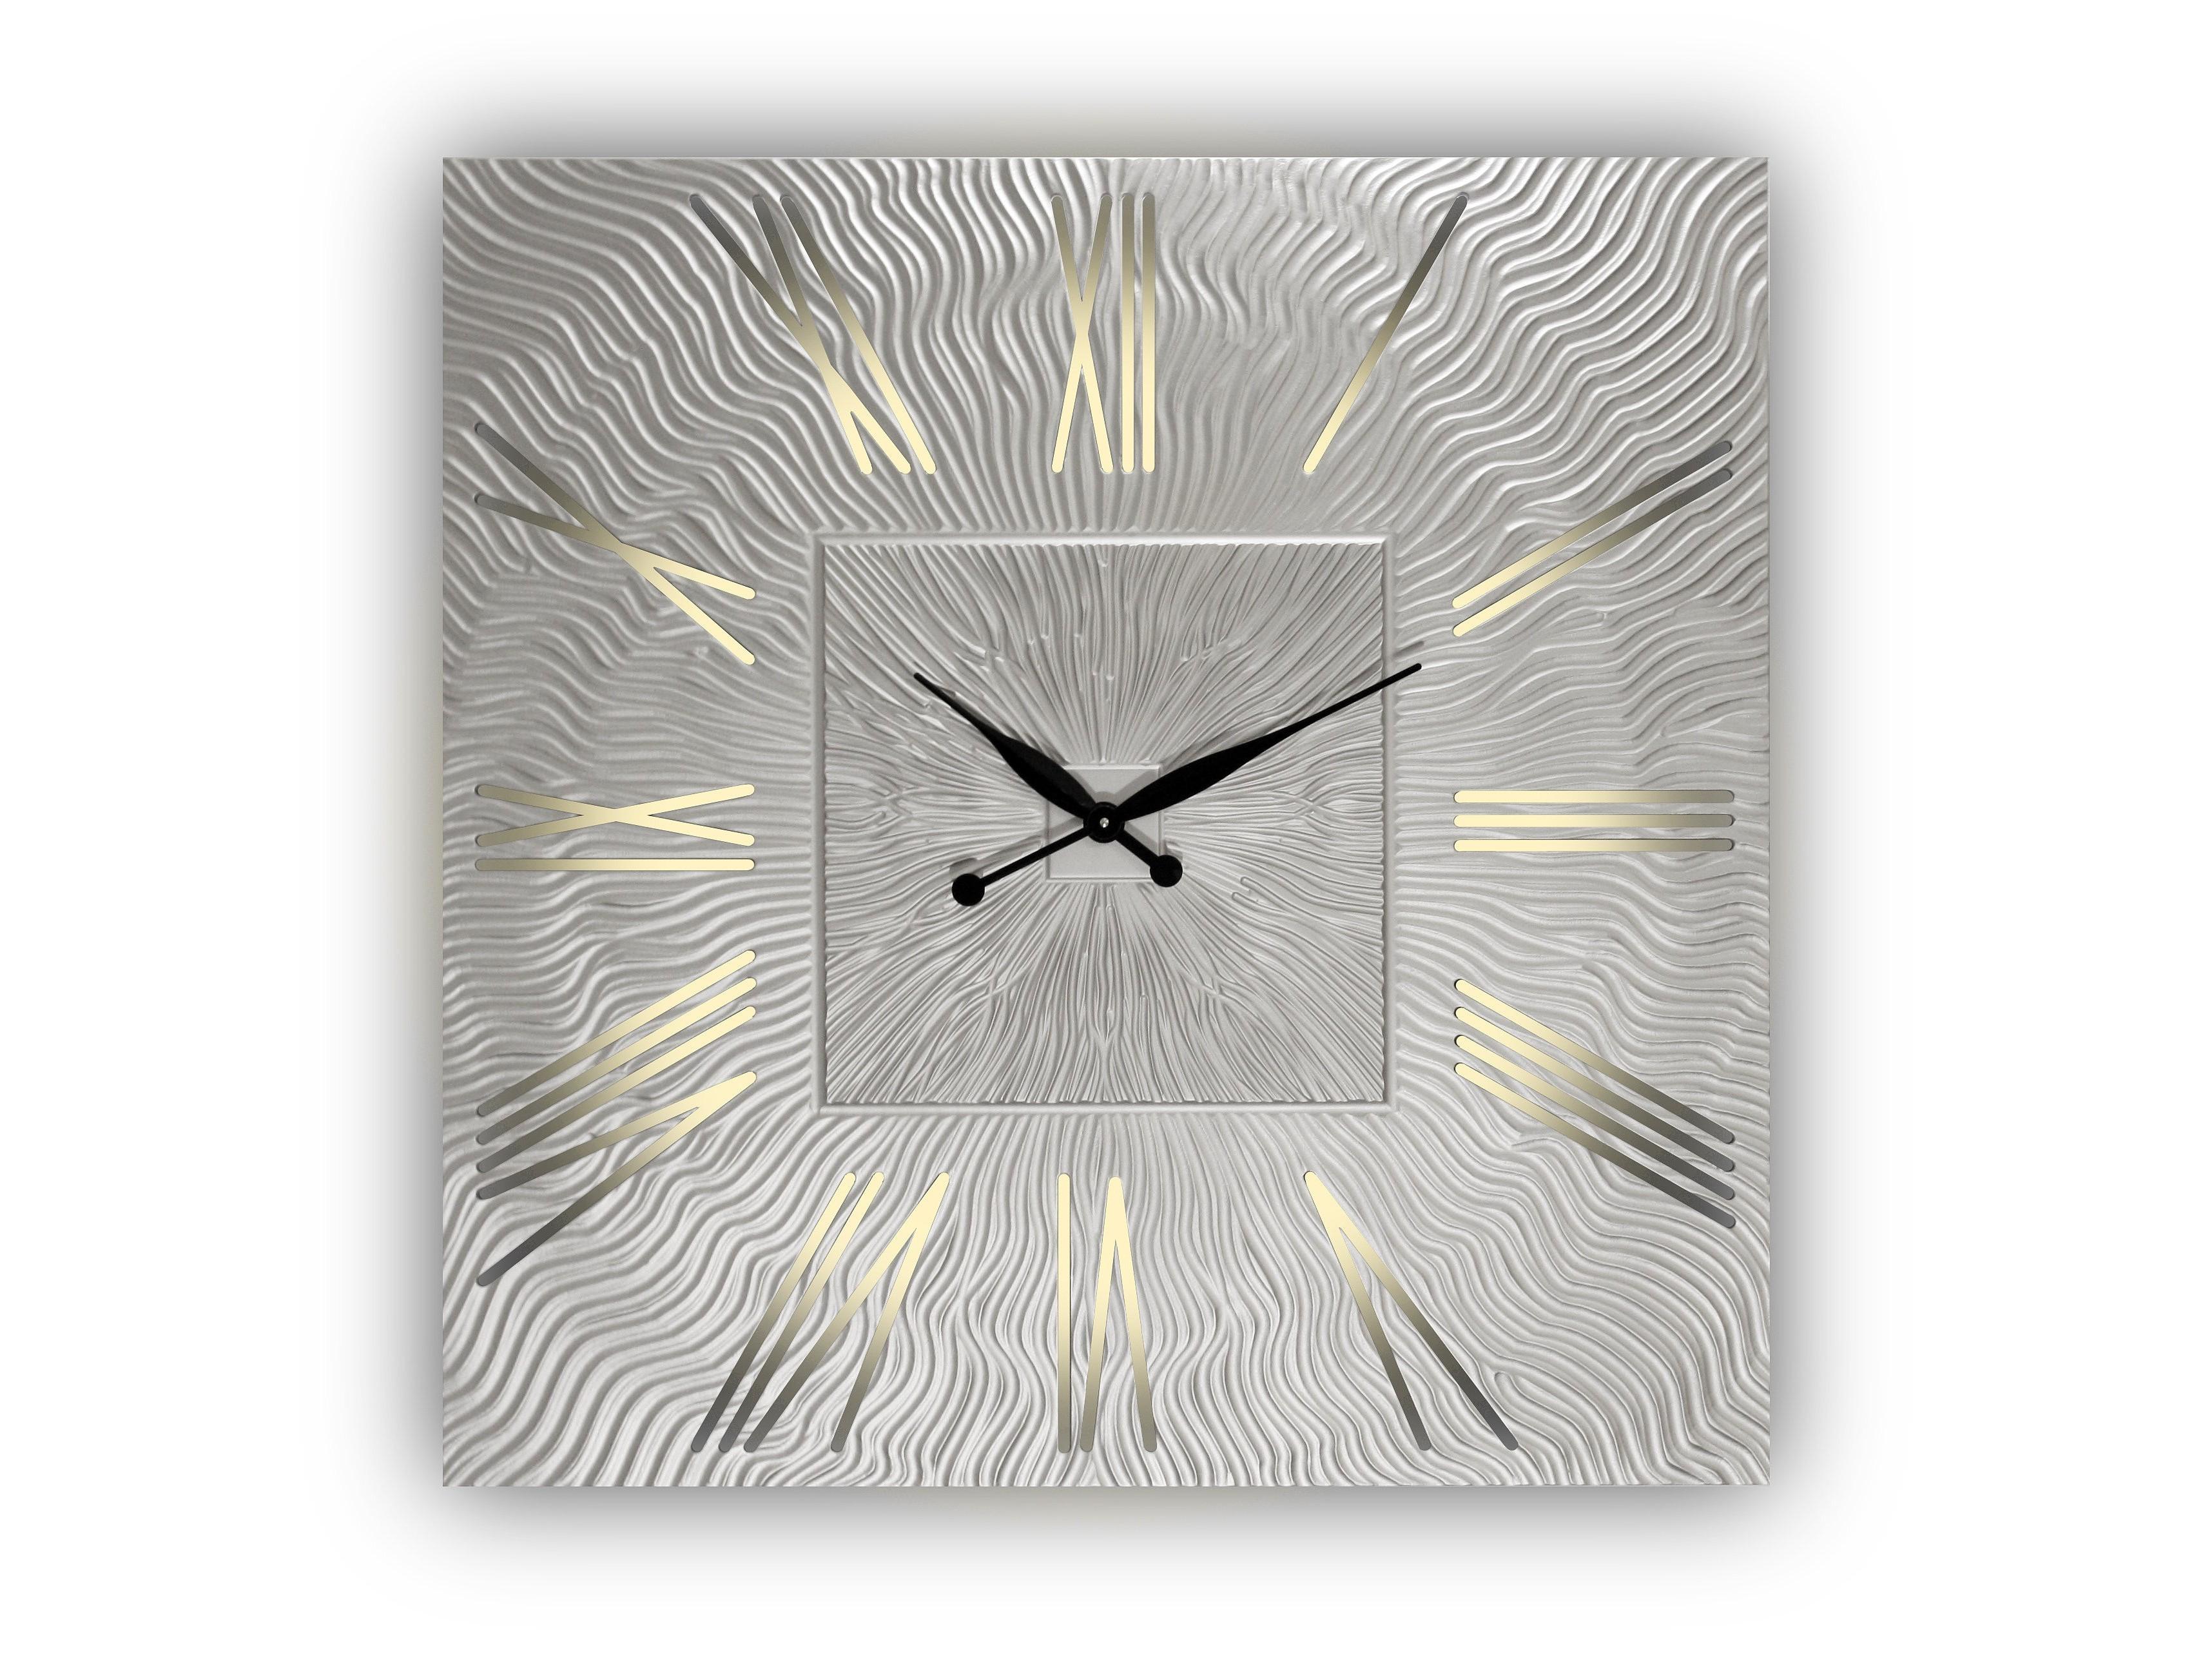 Часы настенные Twinkle QuНастенные часы<br>&amp;lt;div style=&amp;quot;font-size: 14px;&amp;quot;&amp;gt;Механизм кварцвевый&amp;lt;/div&amp;gt;&amp;lt;span style=&amp;quot;font-size: 14px;&amp;quot;&amp;gt;Часы оснащены встроенной светодиодной подсветкой&amp;lt;/span&amp;gt;&amp;lt;div style=&amp;quot;font-size: 14px;&amp;quot;&amp;gt;&amp;lt;span style=&amp;quot;font-size: 14px;&amp;quot;&amp;gt;Возможны варианты с другими размерами без изменения цены: представлены часы с диаметрами 90, 80, 75 и 65 см.&amp;lt;/span&amp;gt;&amp;lt;/div&amp;gt;<br><br>Material: Дерево<br>Height см: 0.8<br>Diameter см: 90